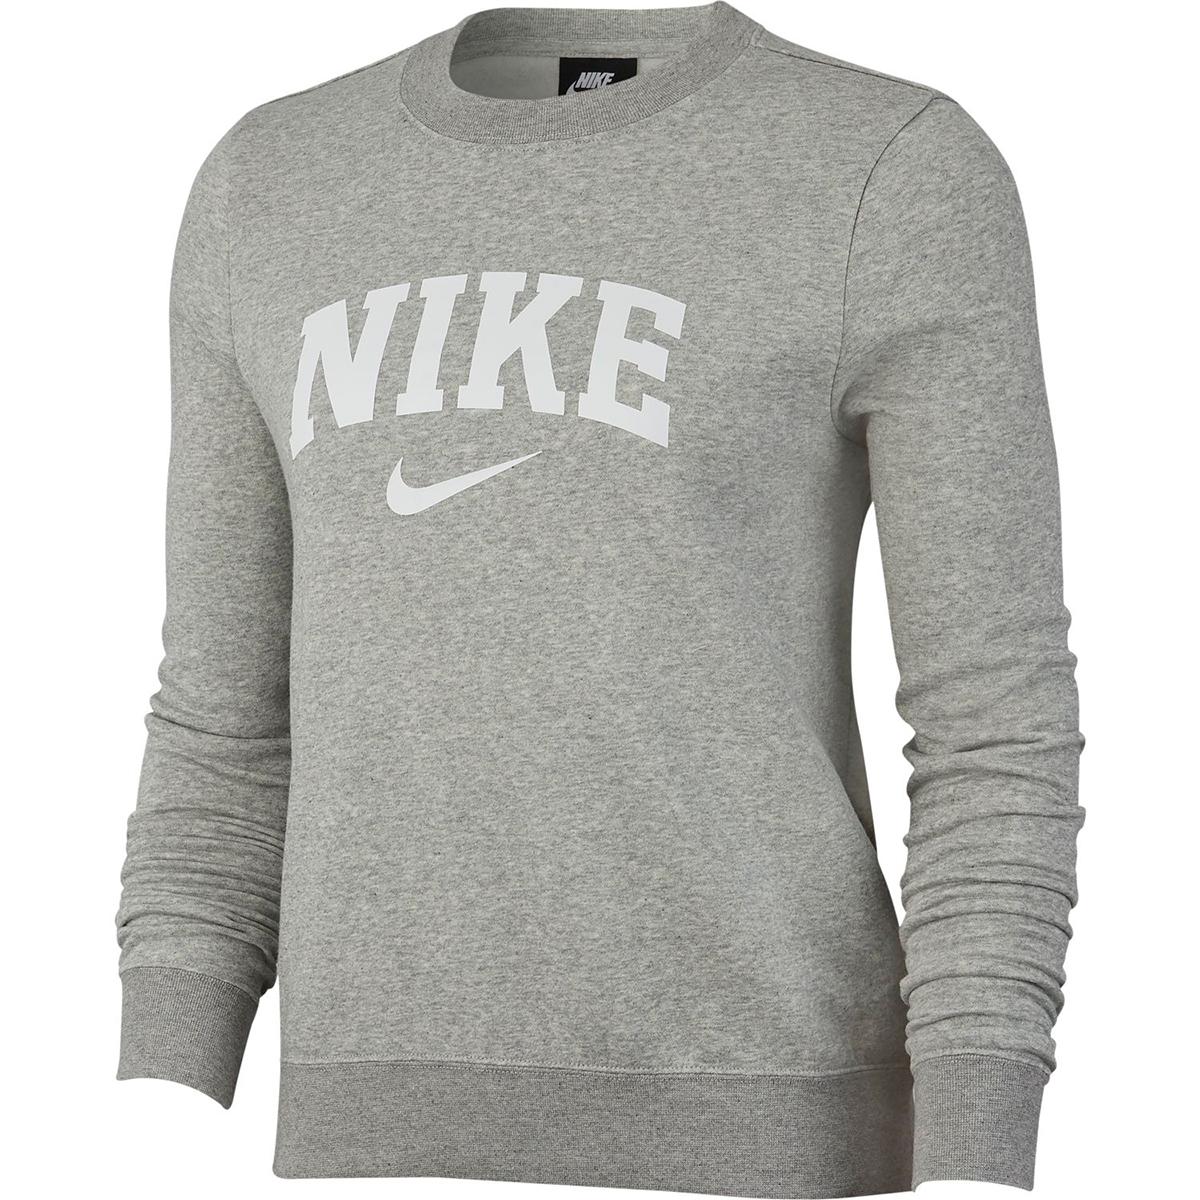 Nike Women's Nike Swoosh Fleece Crewneck Sweatshirt - Black, S